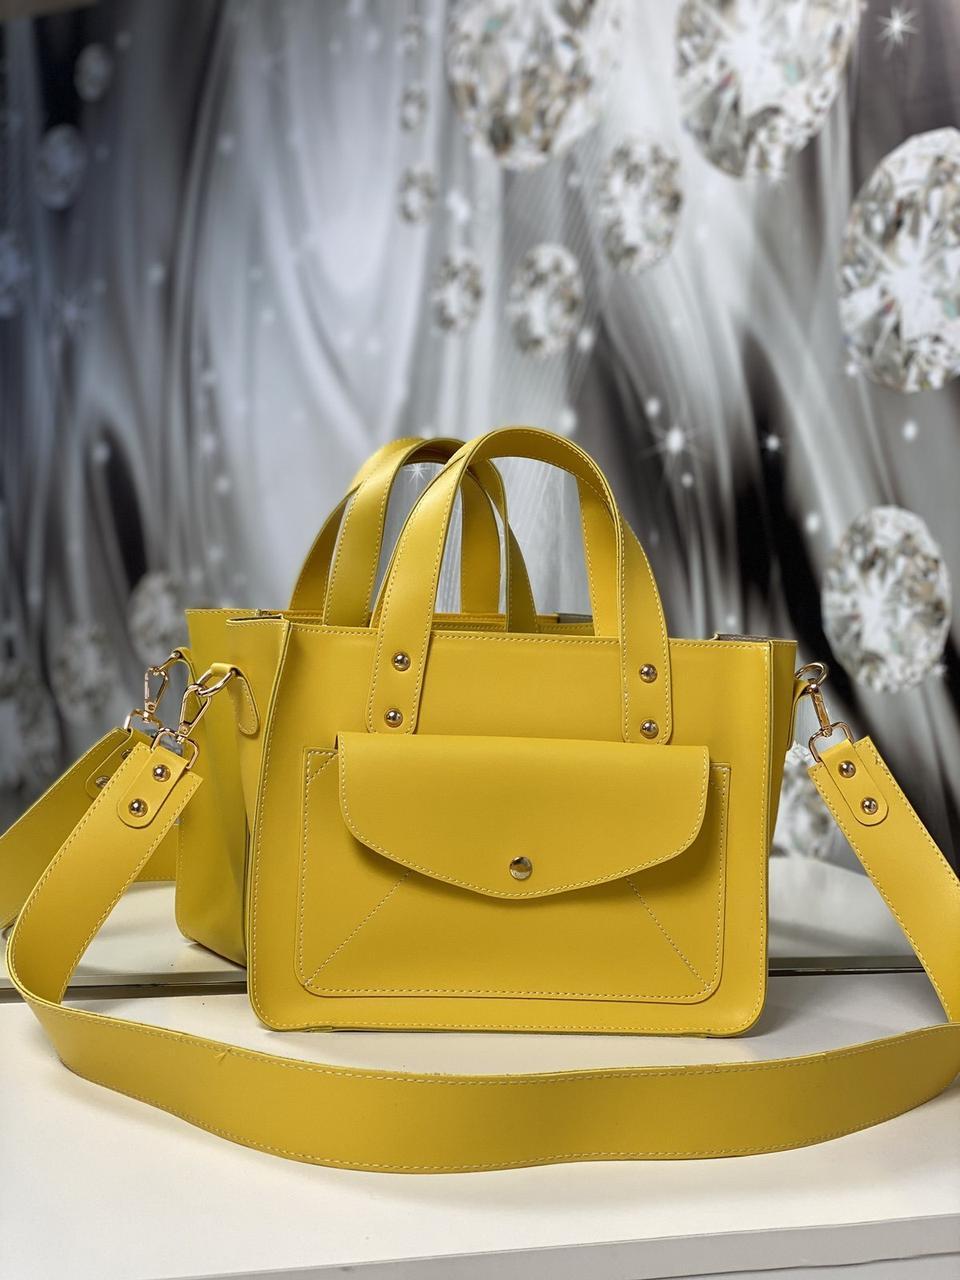 Женская классическая сумка на плечо средняя модная сумочка яркая желтая экокожа